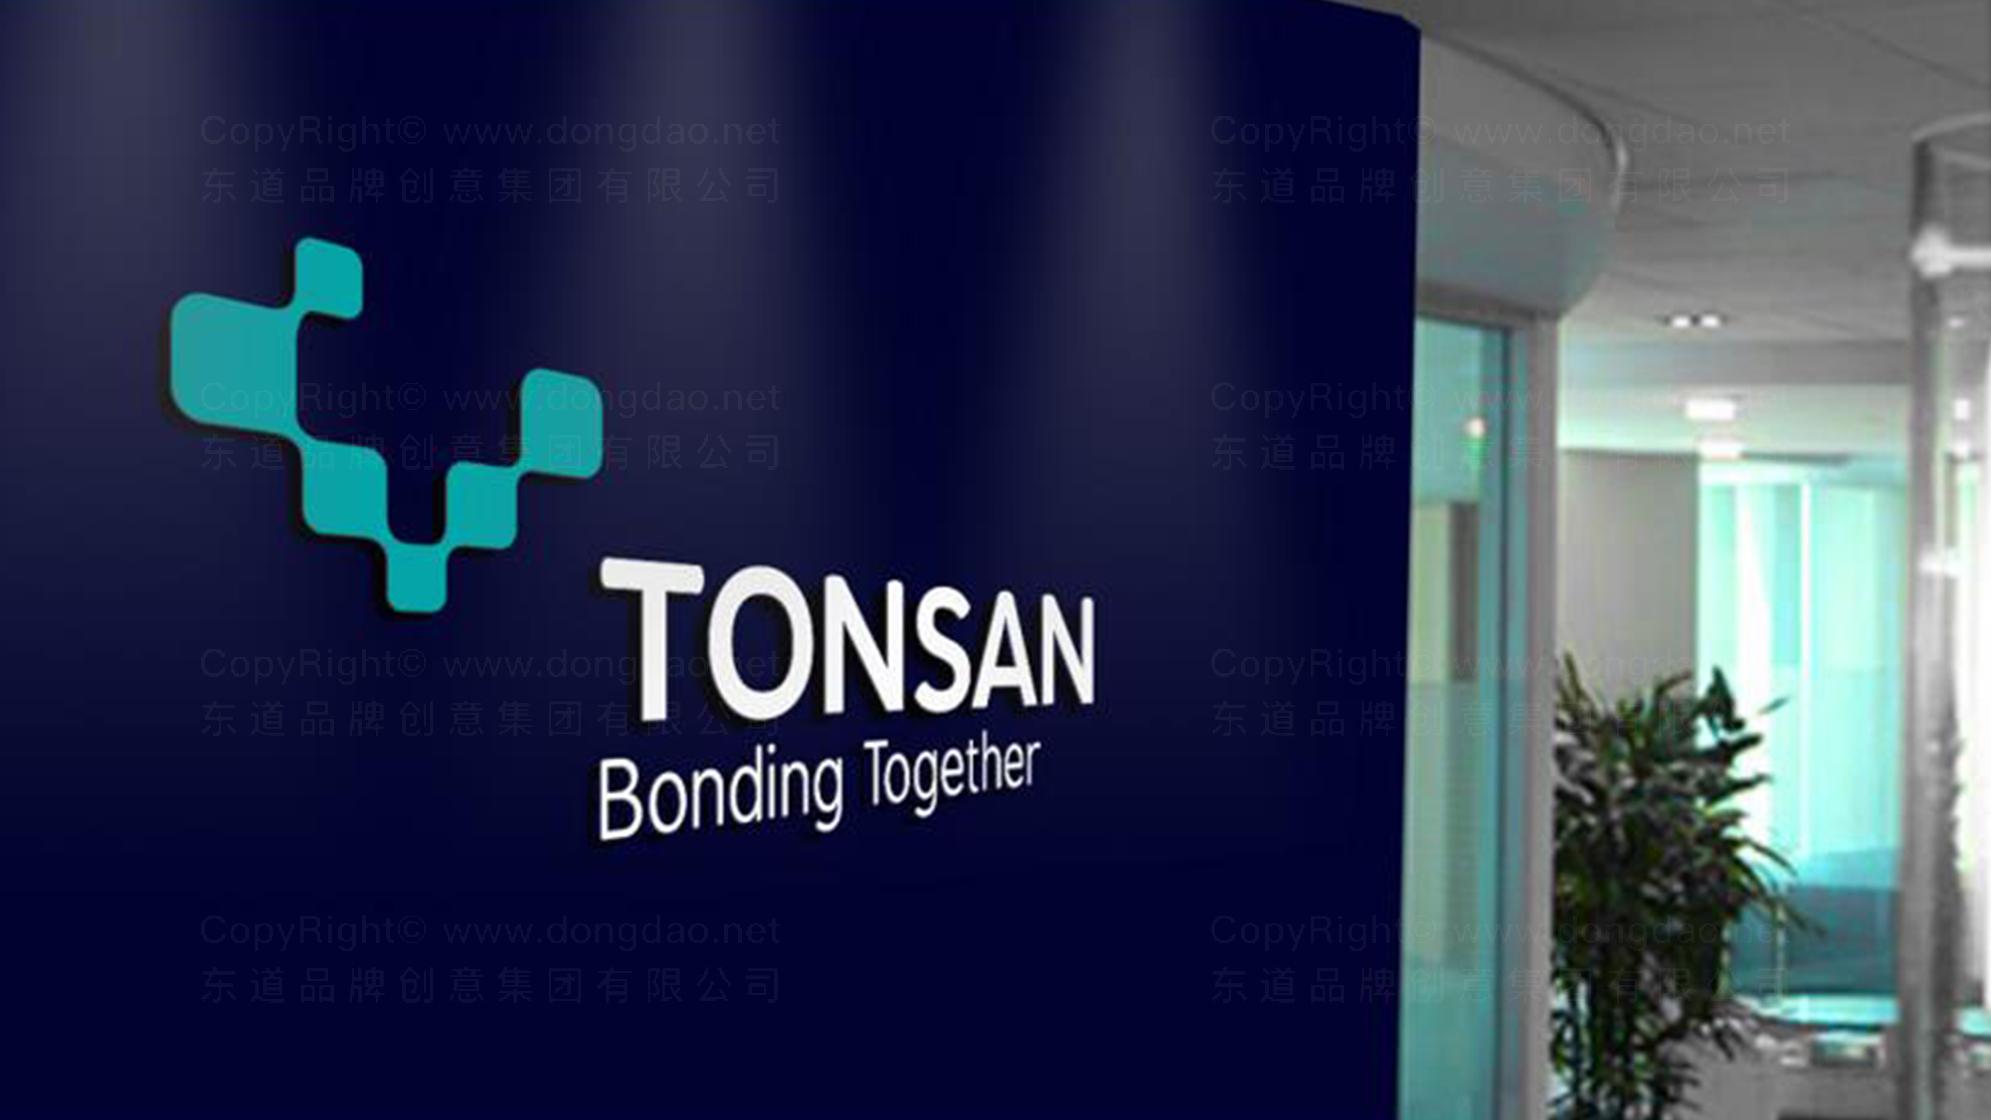 品牌设计TONSAN工业胶水LOGO&VI设计应用场景_4